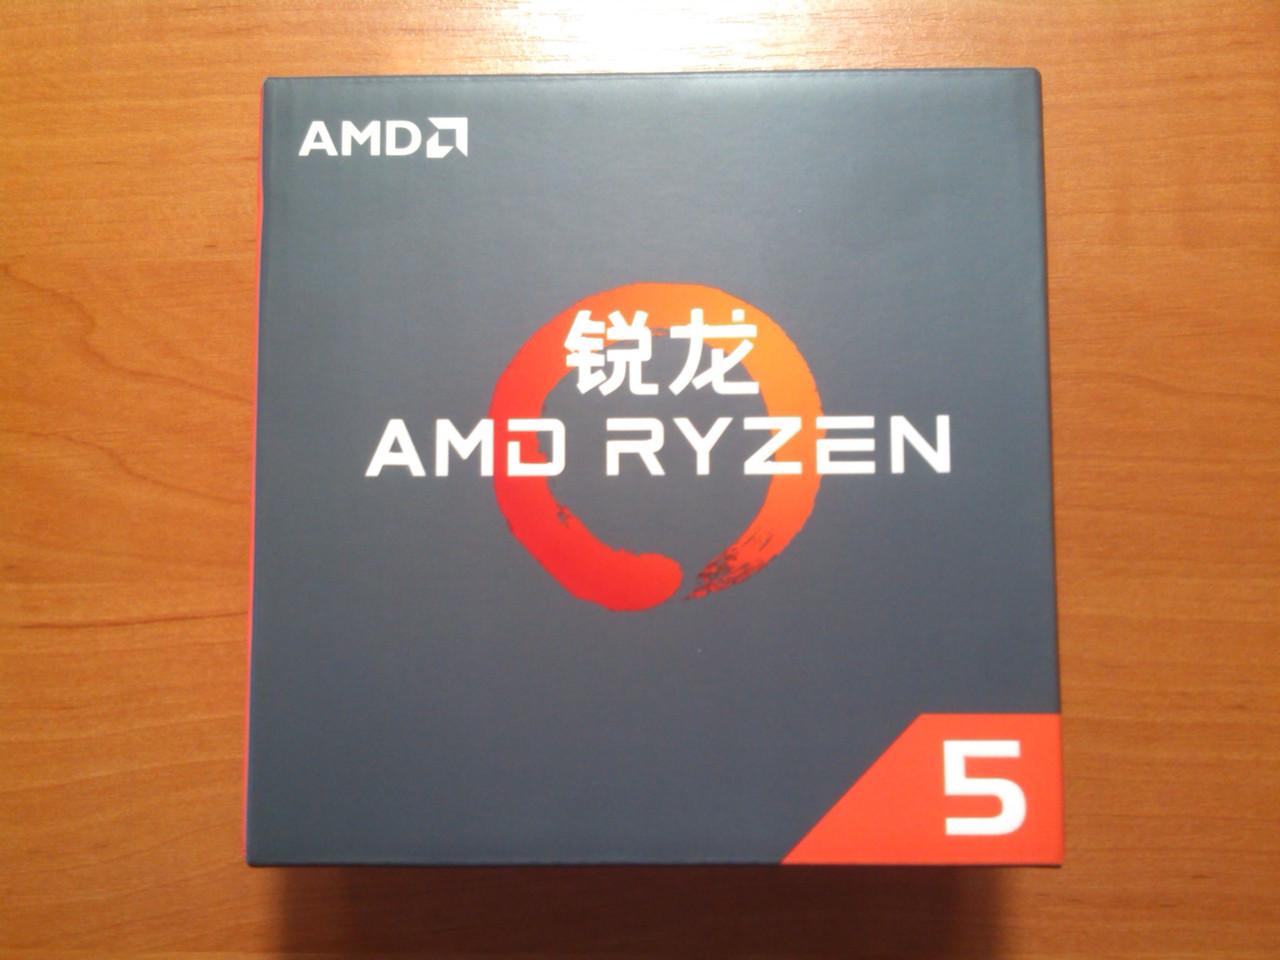 AMD Ryzen 5 1600X YD160XBCM6IAE сокет AM4 Новий!